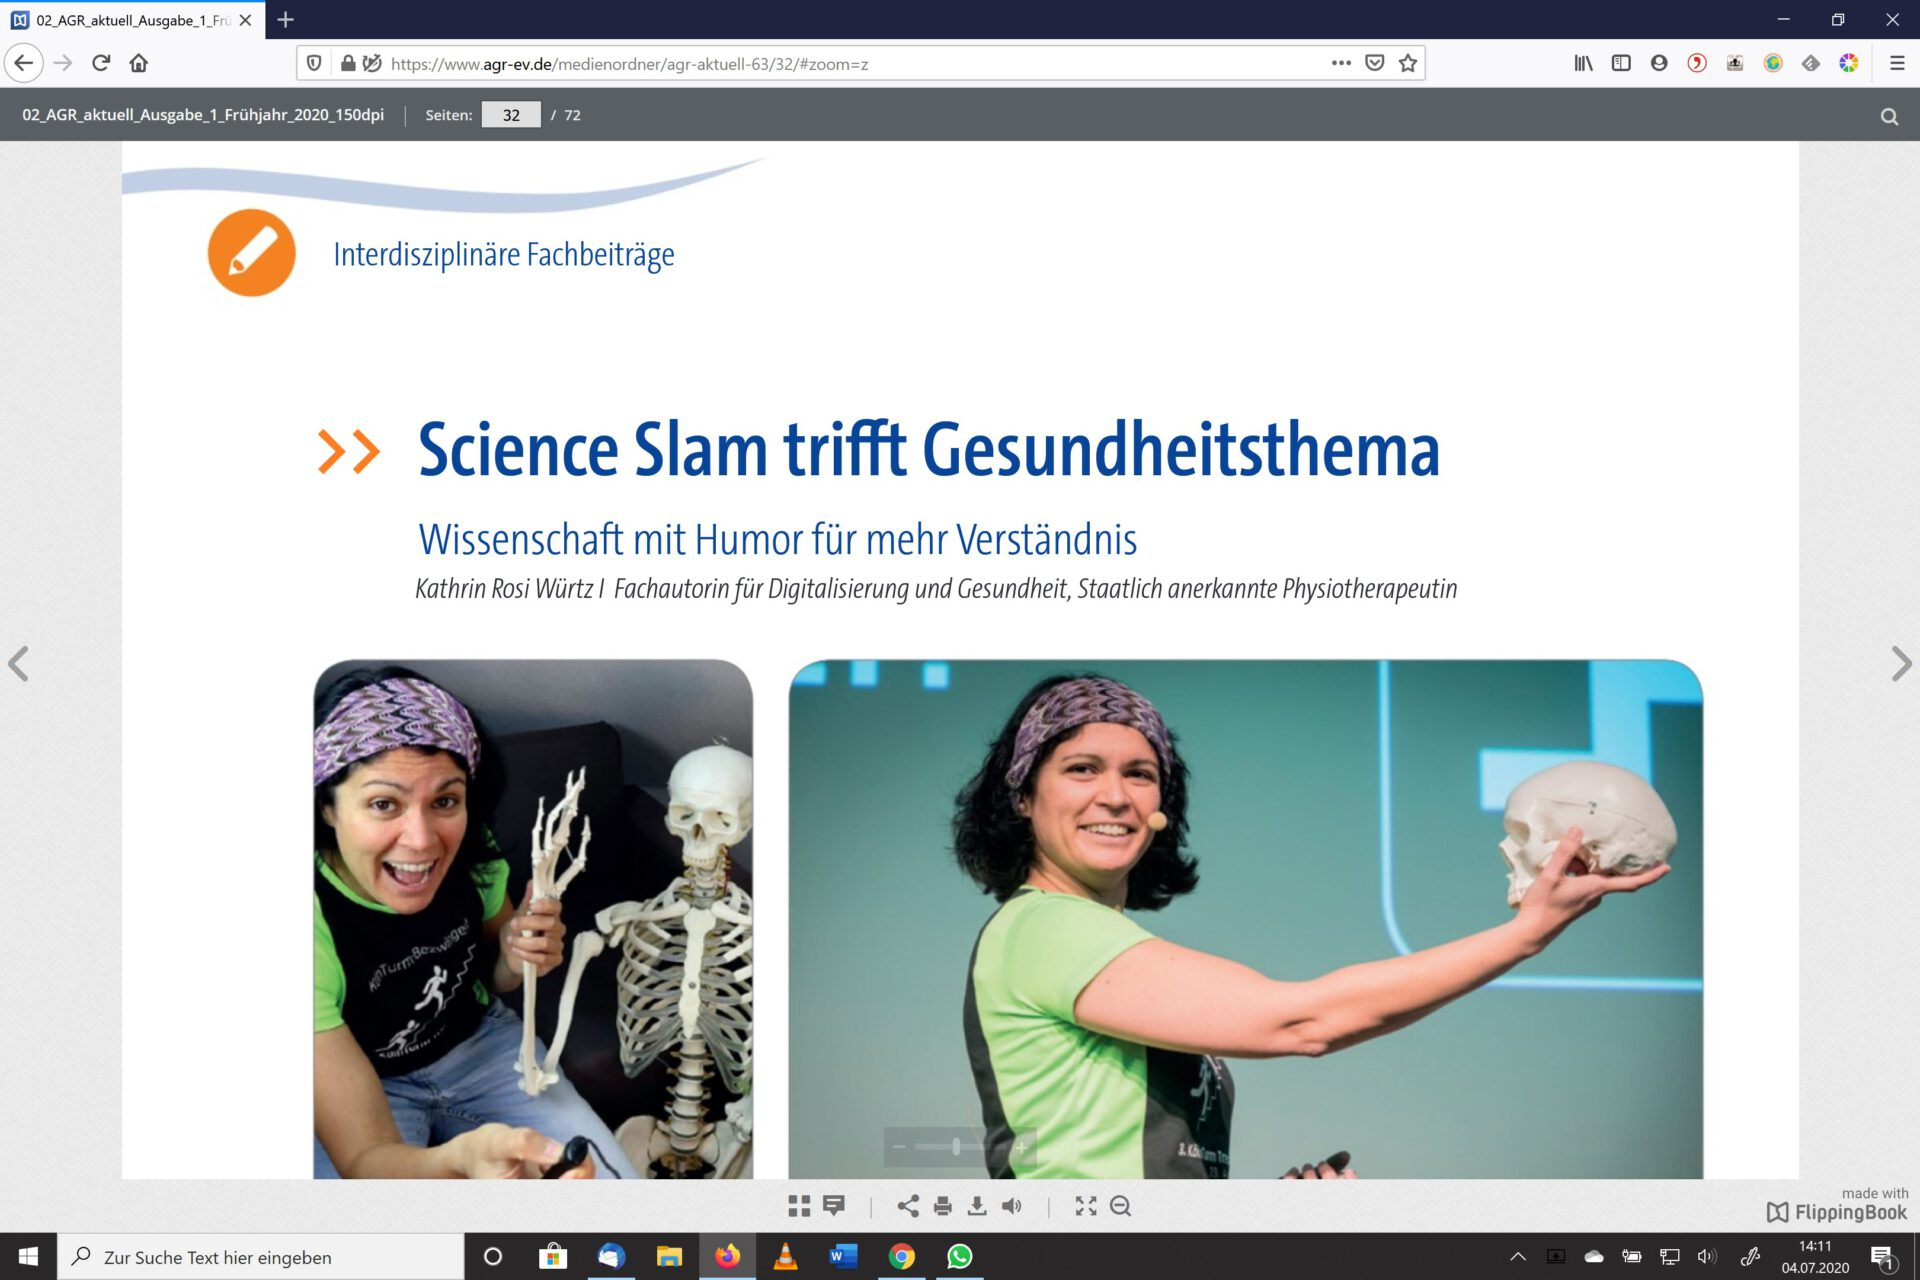 Screenshot vom Beitrag Science Slam trifft Gesundheitsthema